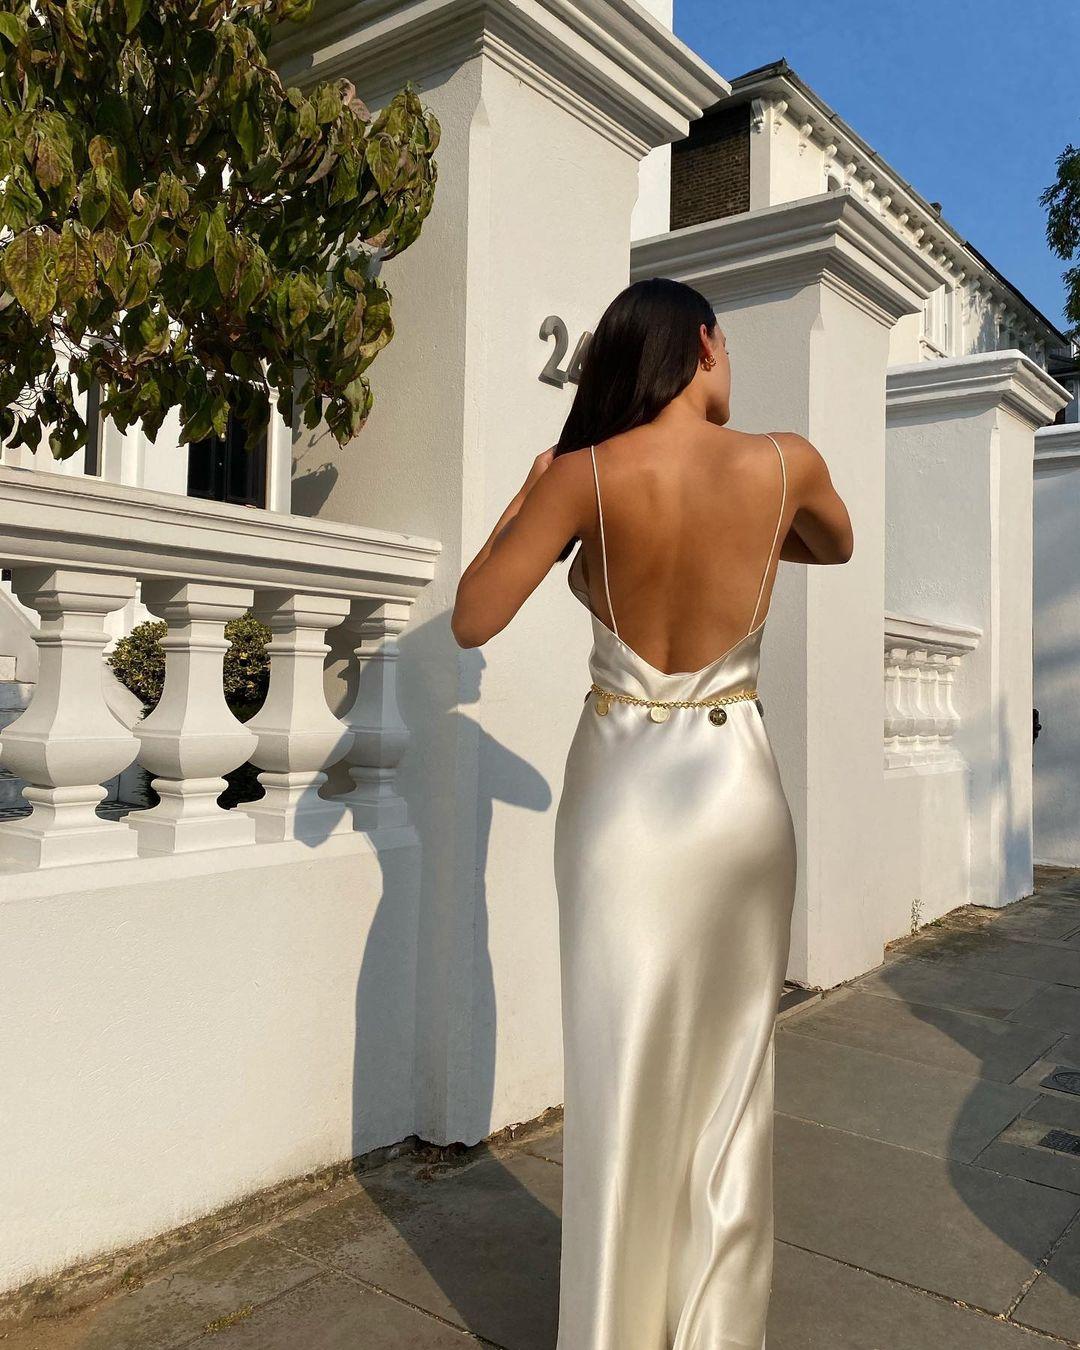 anisasojka 118176003 1012760715815242 6292823744975682955 n Alternatives to the LBD (Little Black Dress)